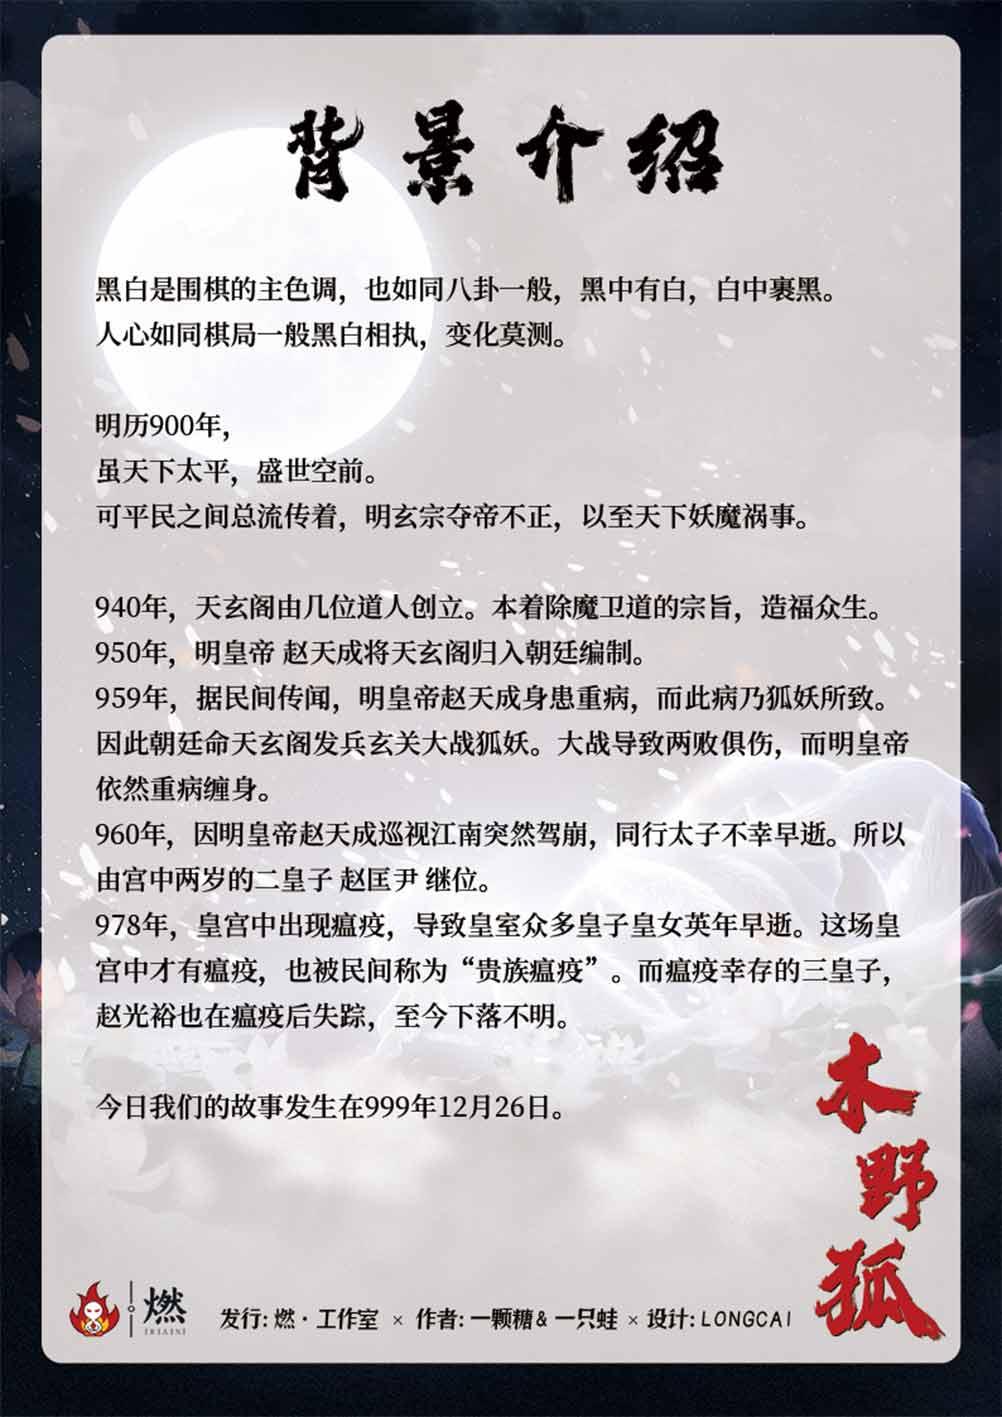 『木野狐』剧本杀复盘_答案_推凶线索_真相解析